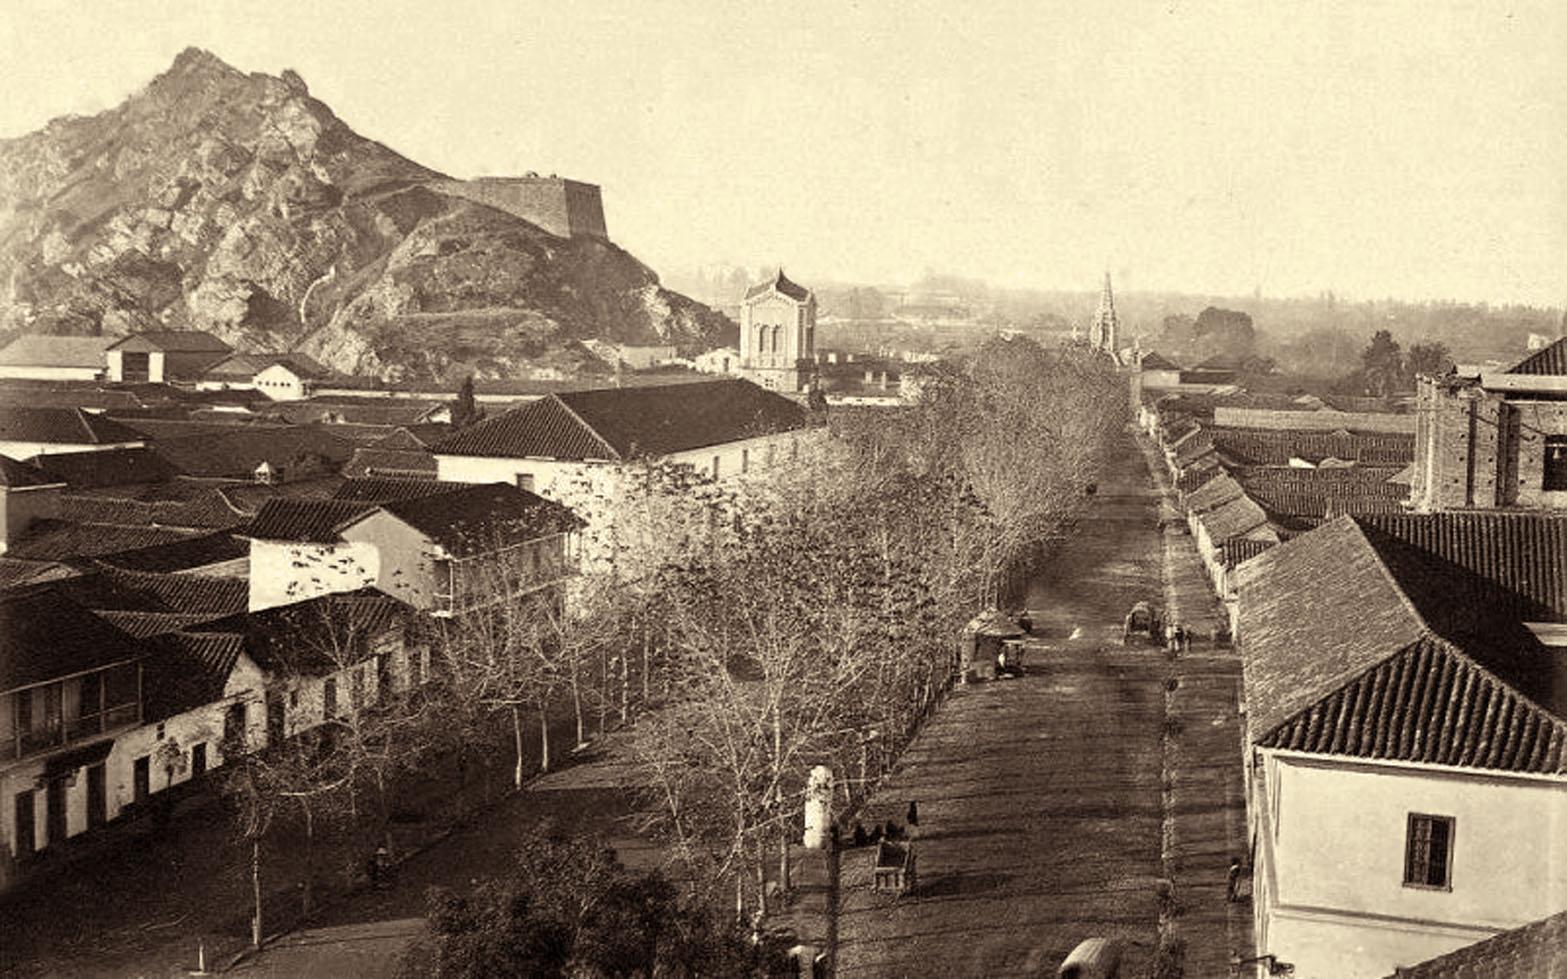 Enterreno - Fotos históricas de chile - fotos antiguas de Chile - Alameda de Santiago, 1870